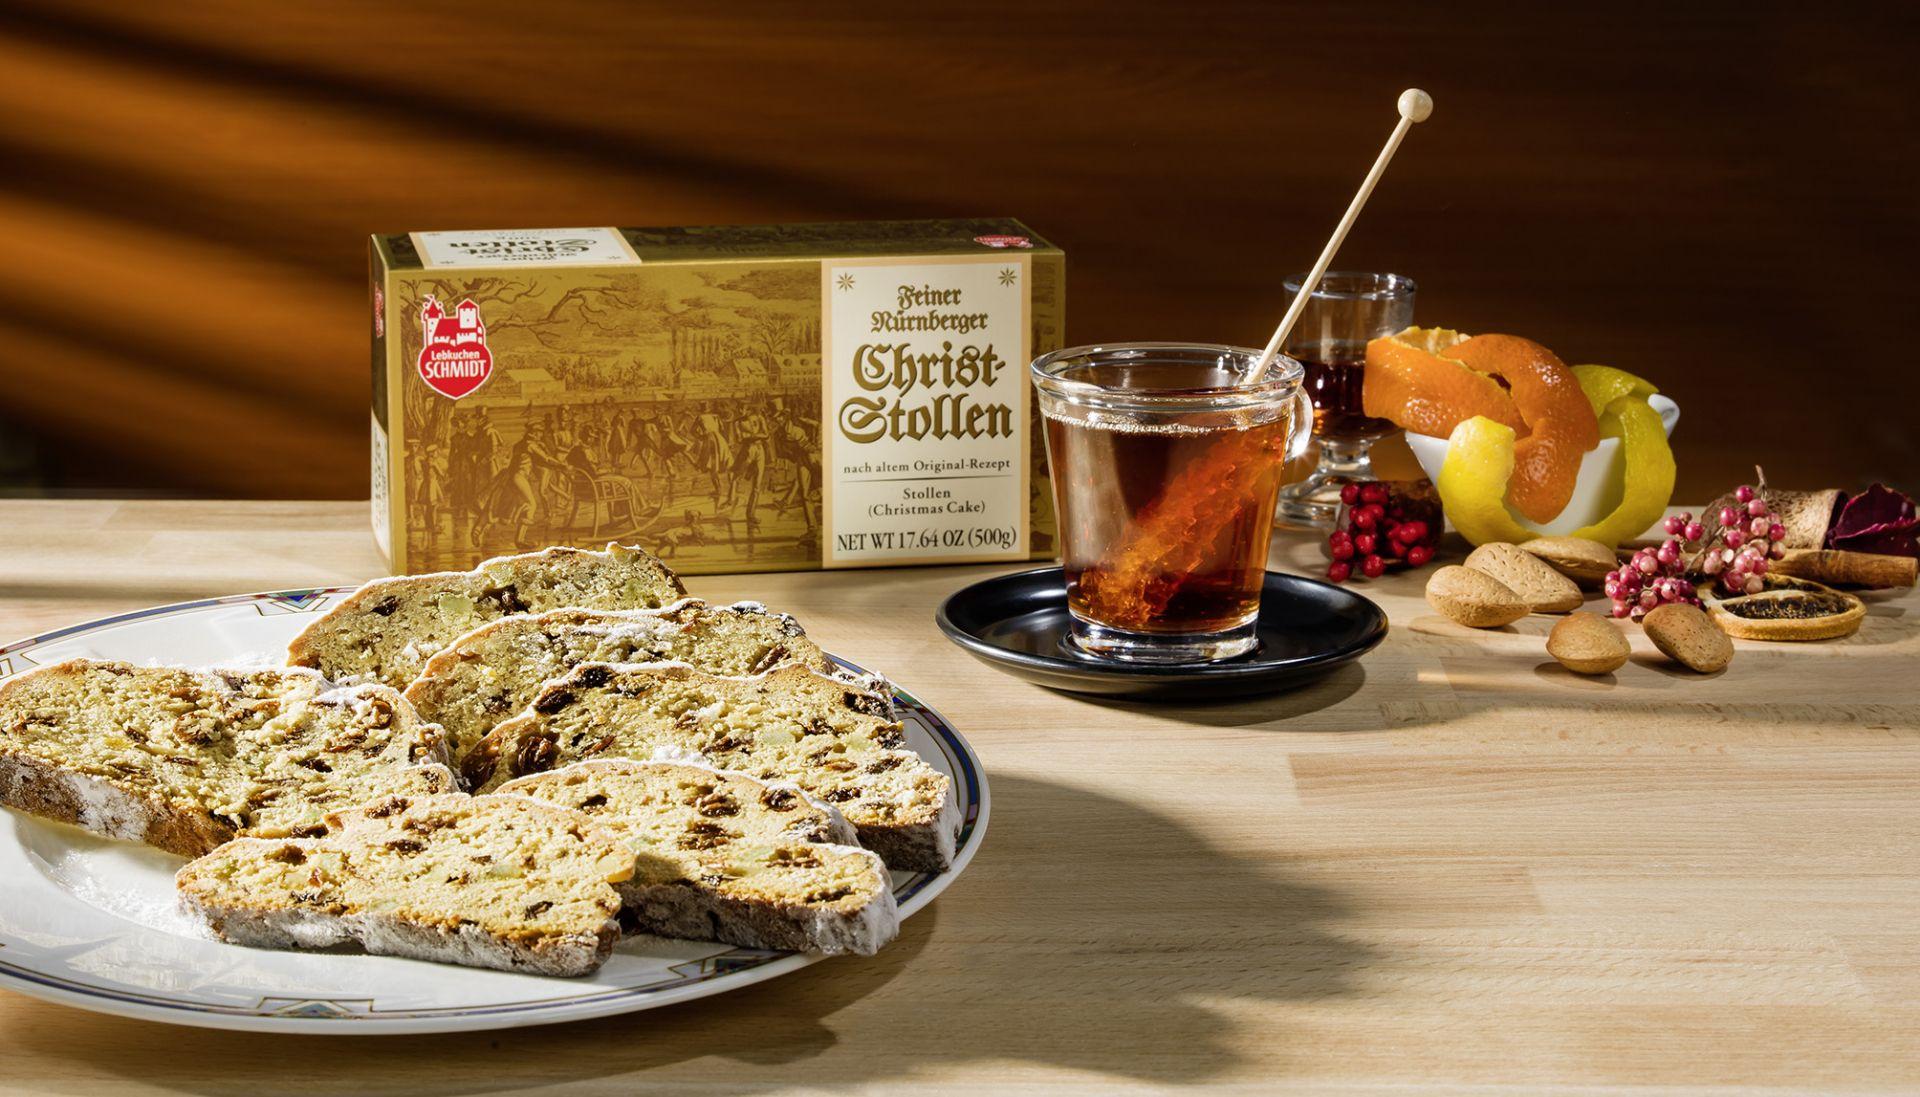 Lebkuchen-Schmidt Feiner Nürnberger Christstollen serviert auf einen Teller